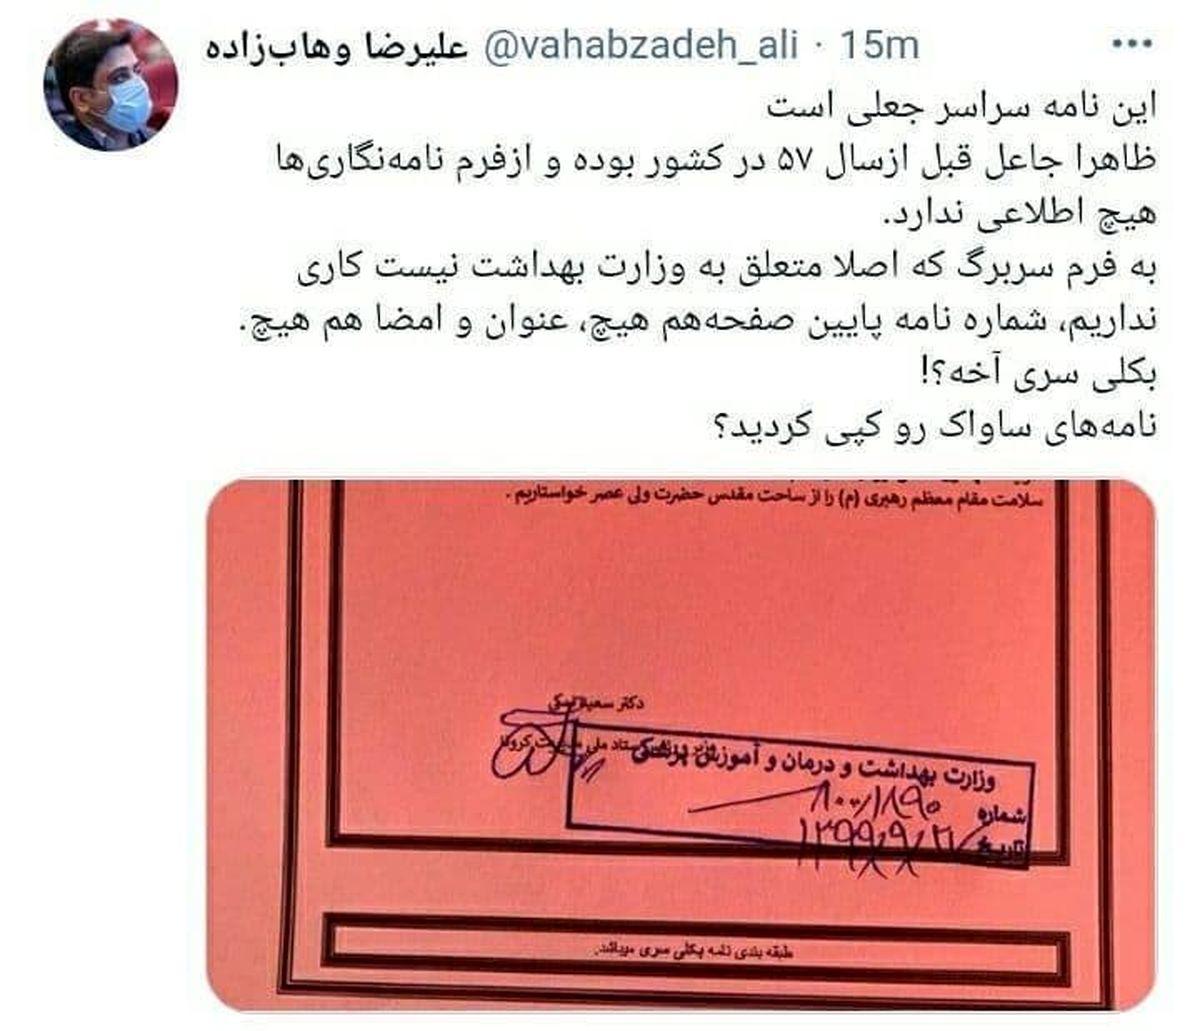 روایت مشاور وزیر بهداشت از یک نامه جعلی